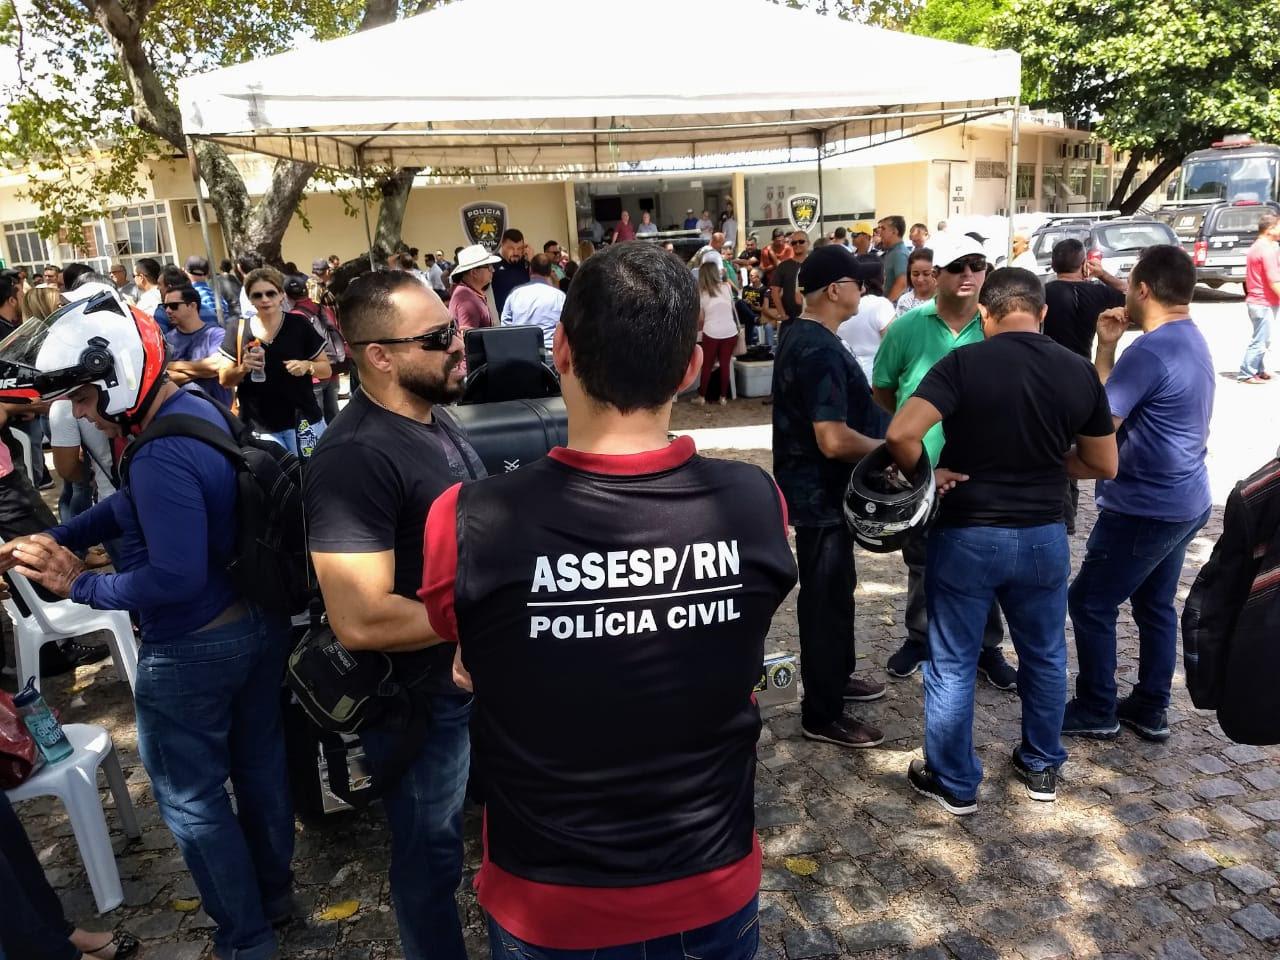 Policiais civis do RN cobram pagamento de salários